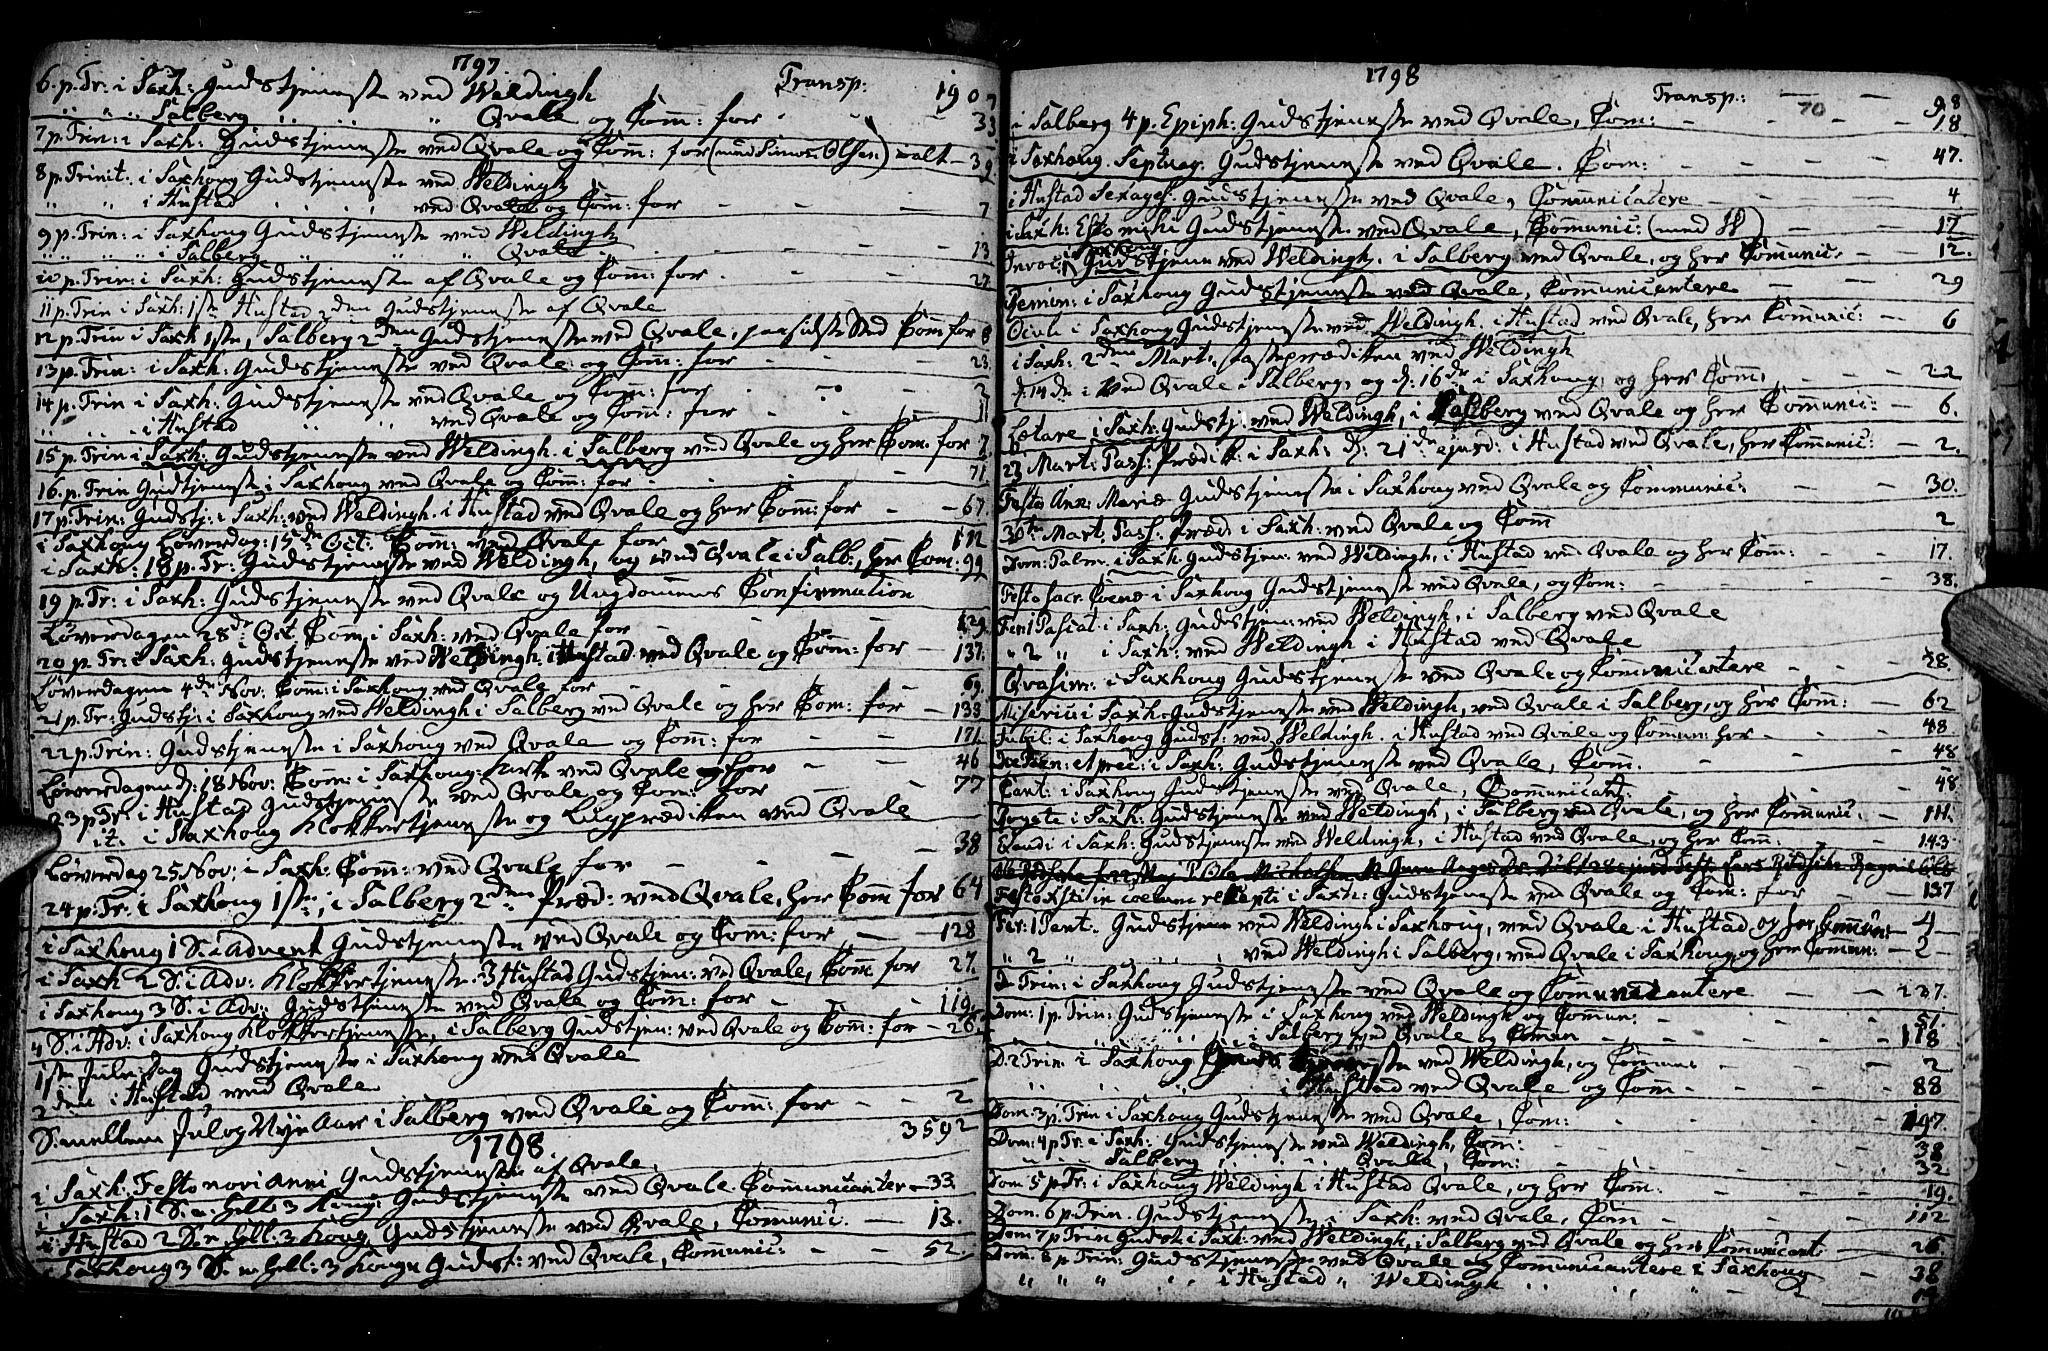 SAT, Ministerialprotokoller, klokkerbøker og fødselsregistre - Nord-Trøndelag, 730/L0273: Ministerialbok nr. 730A02, 1762-1802, s. 70